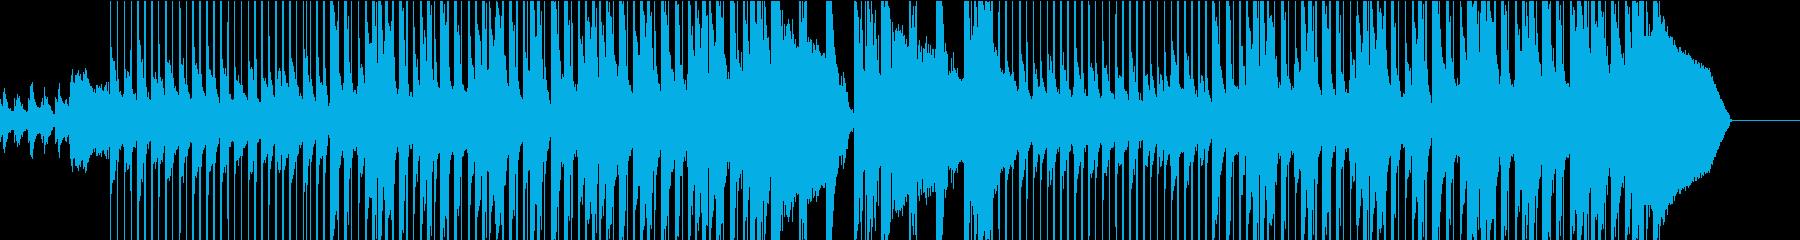 ポップ テクノ ワールド 民族 ア...の再生済みの波形